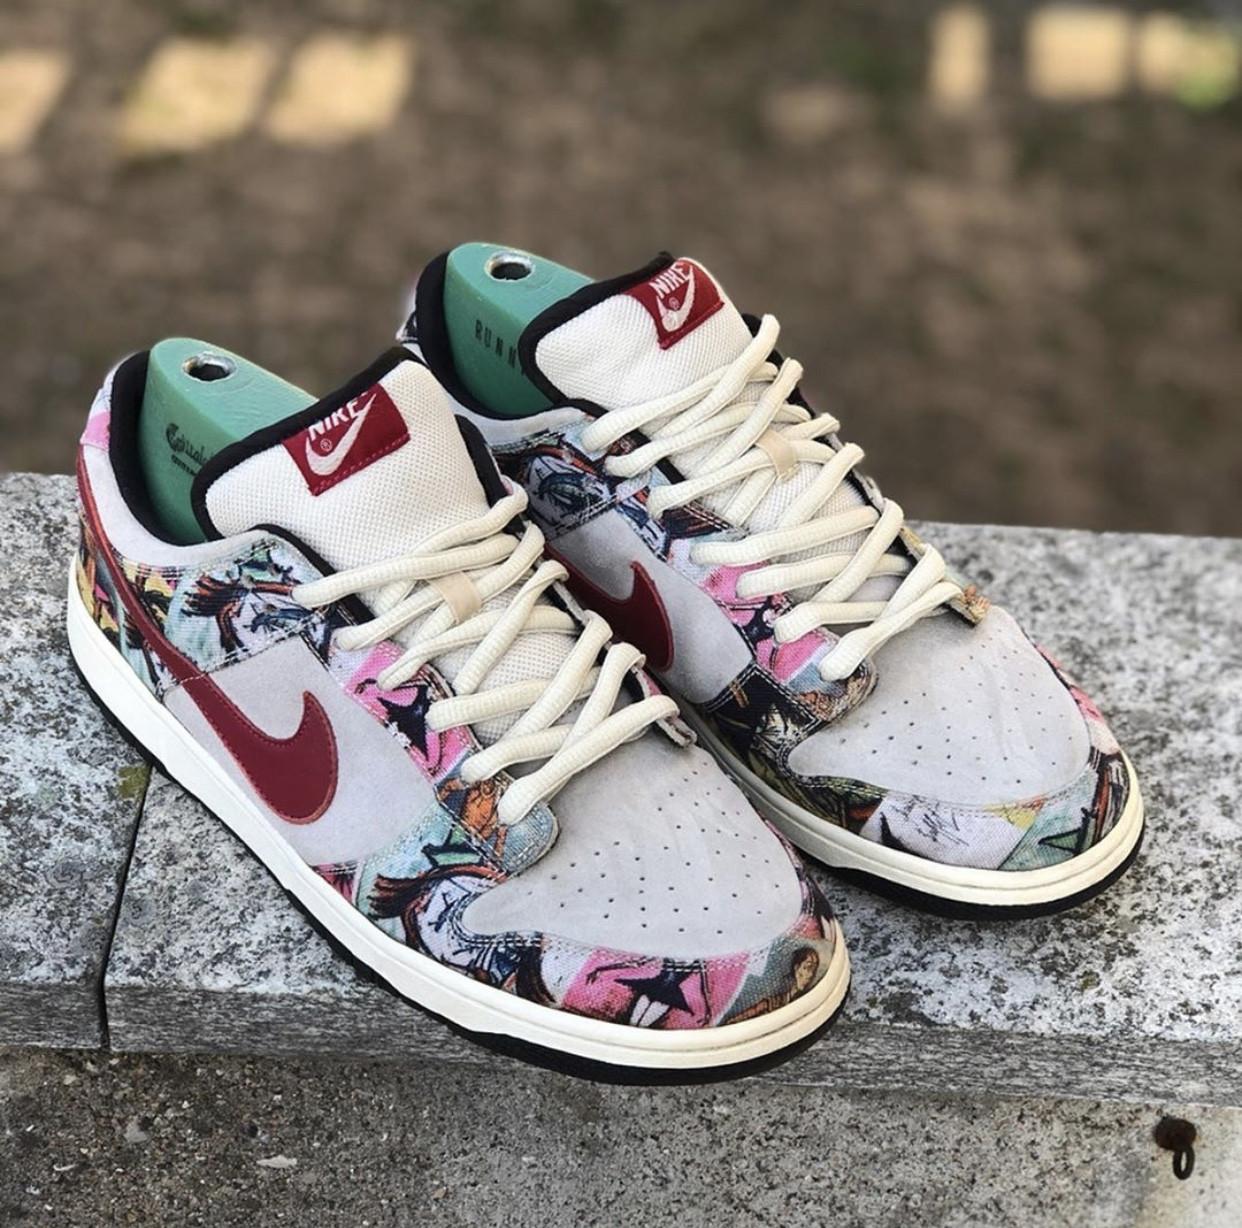 Nike SB Dunk Low Paris